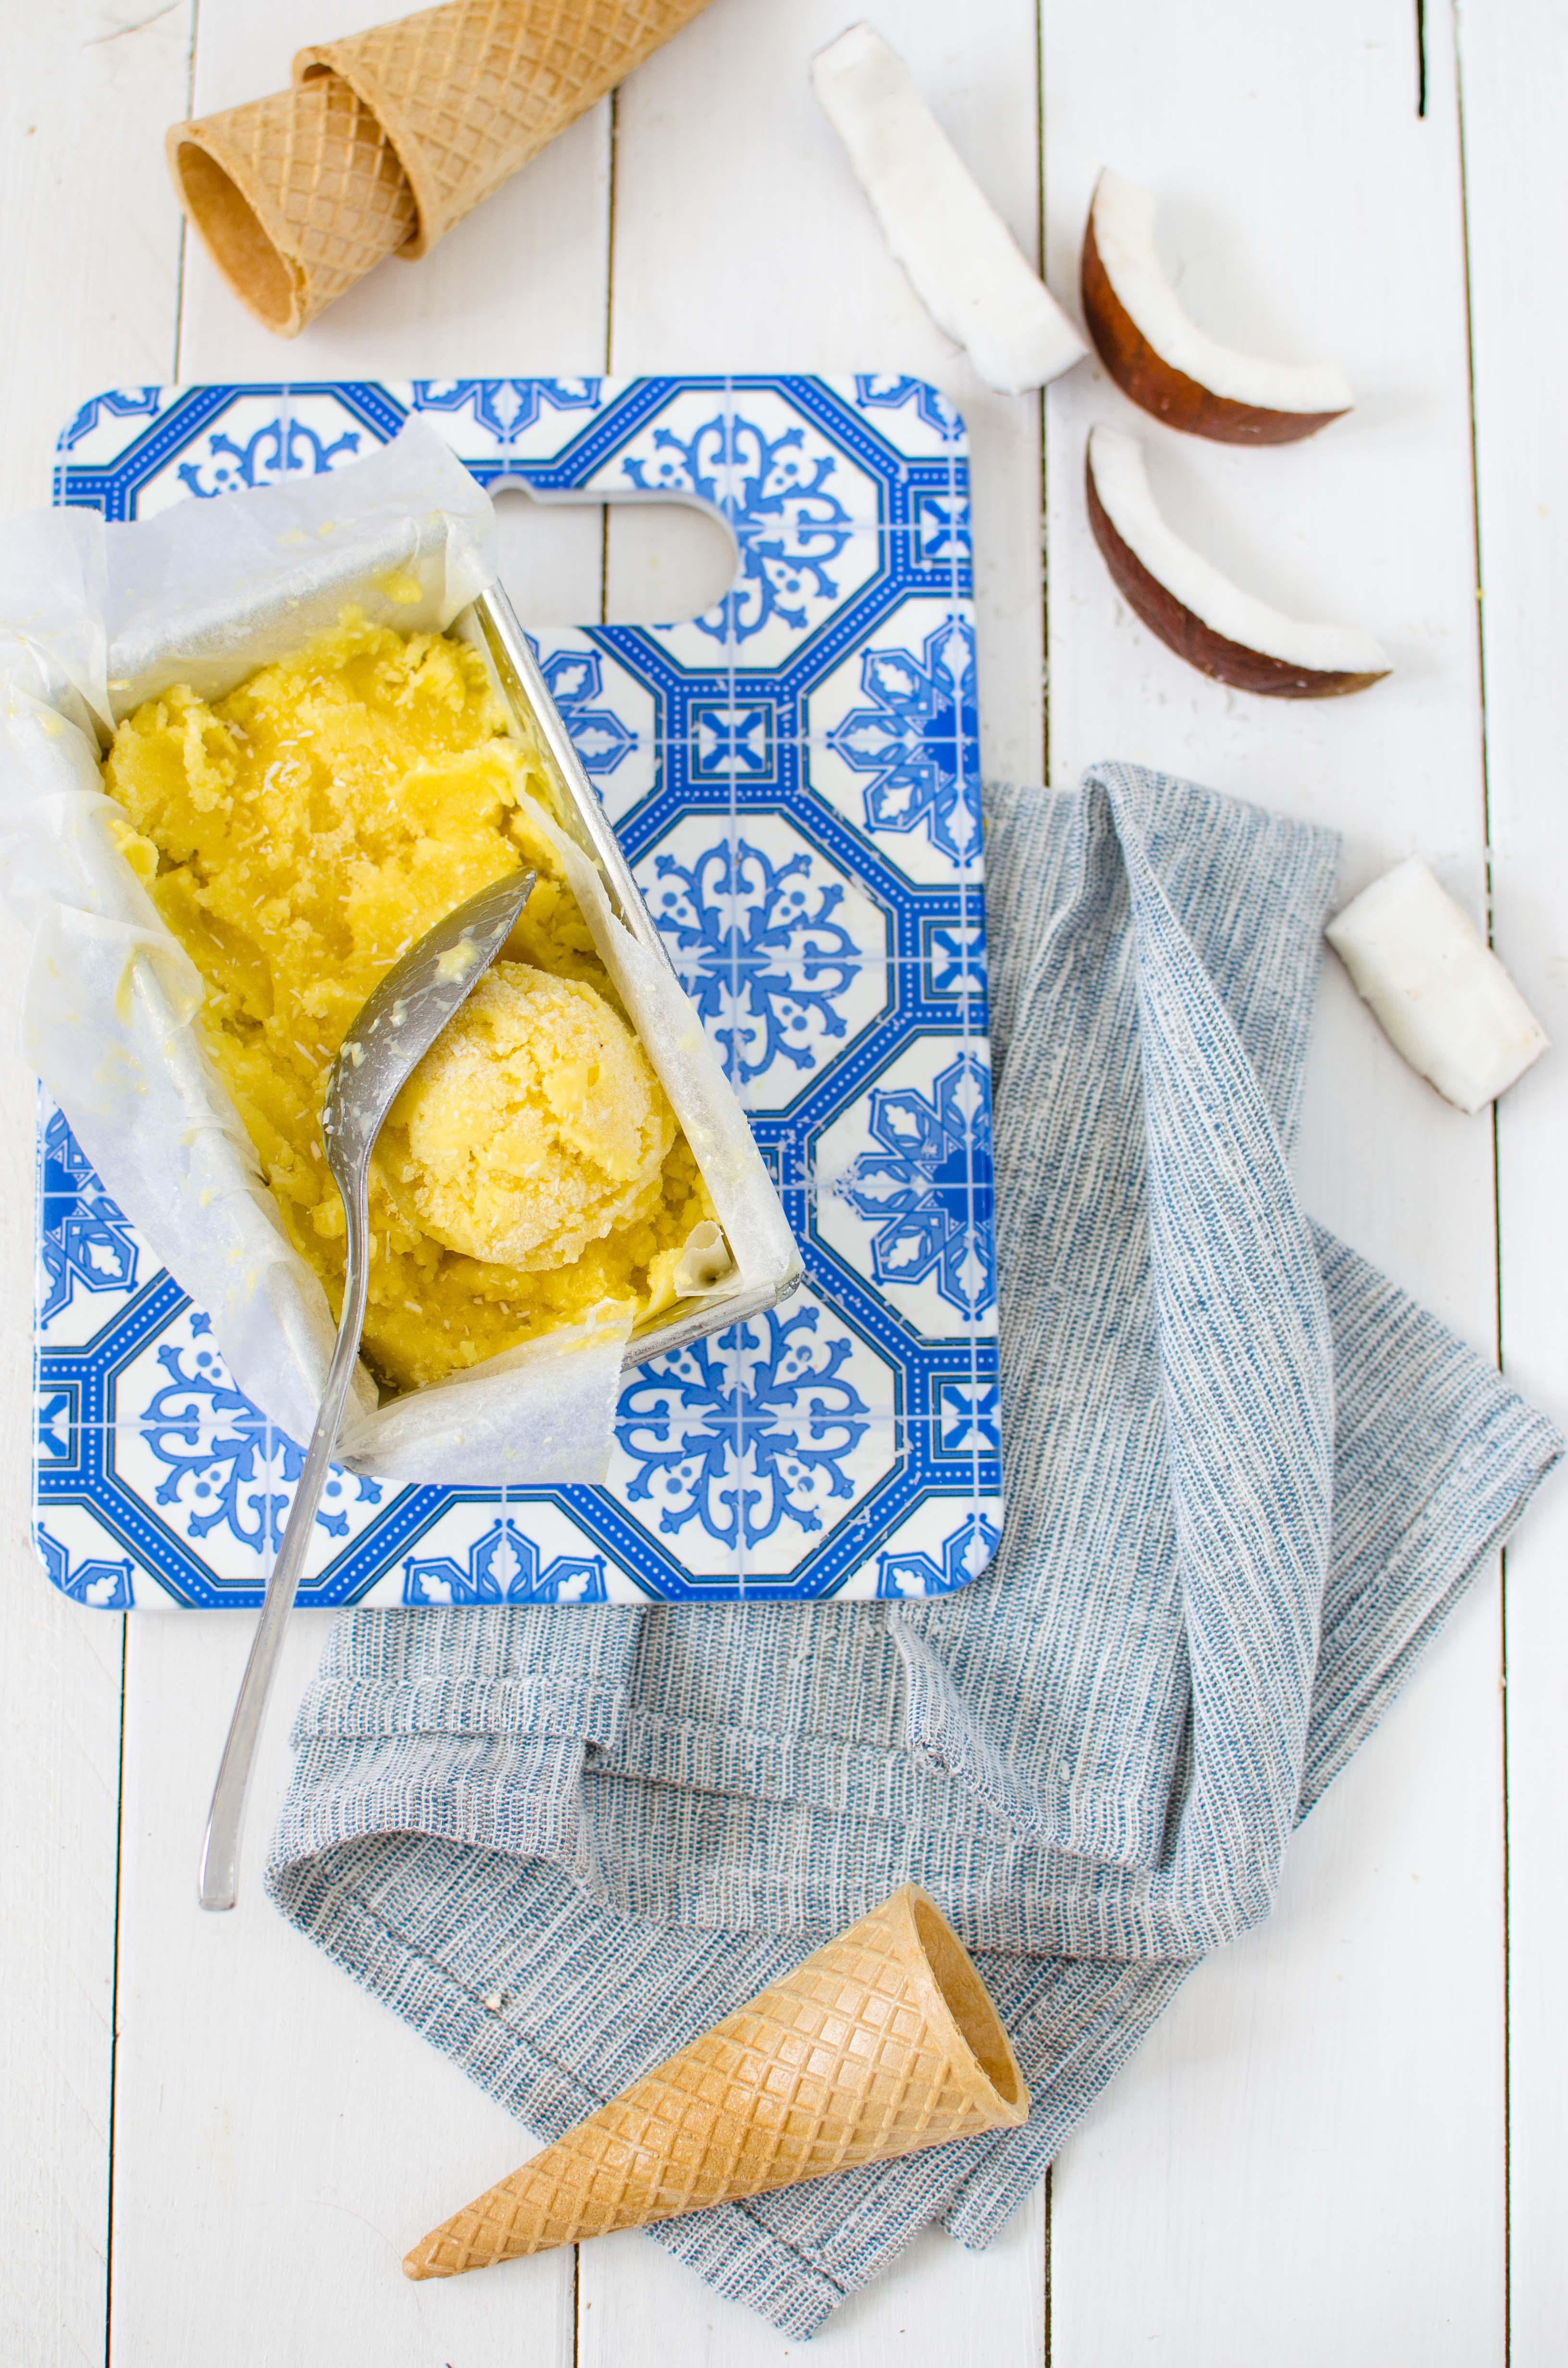 gelato_mango_cocco1 Gelato al mango e cocco per Letture golose